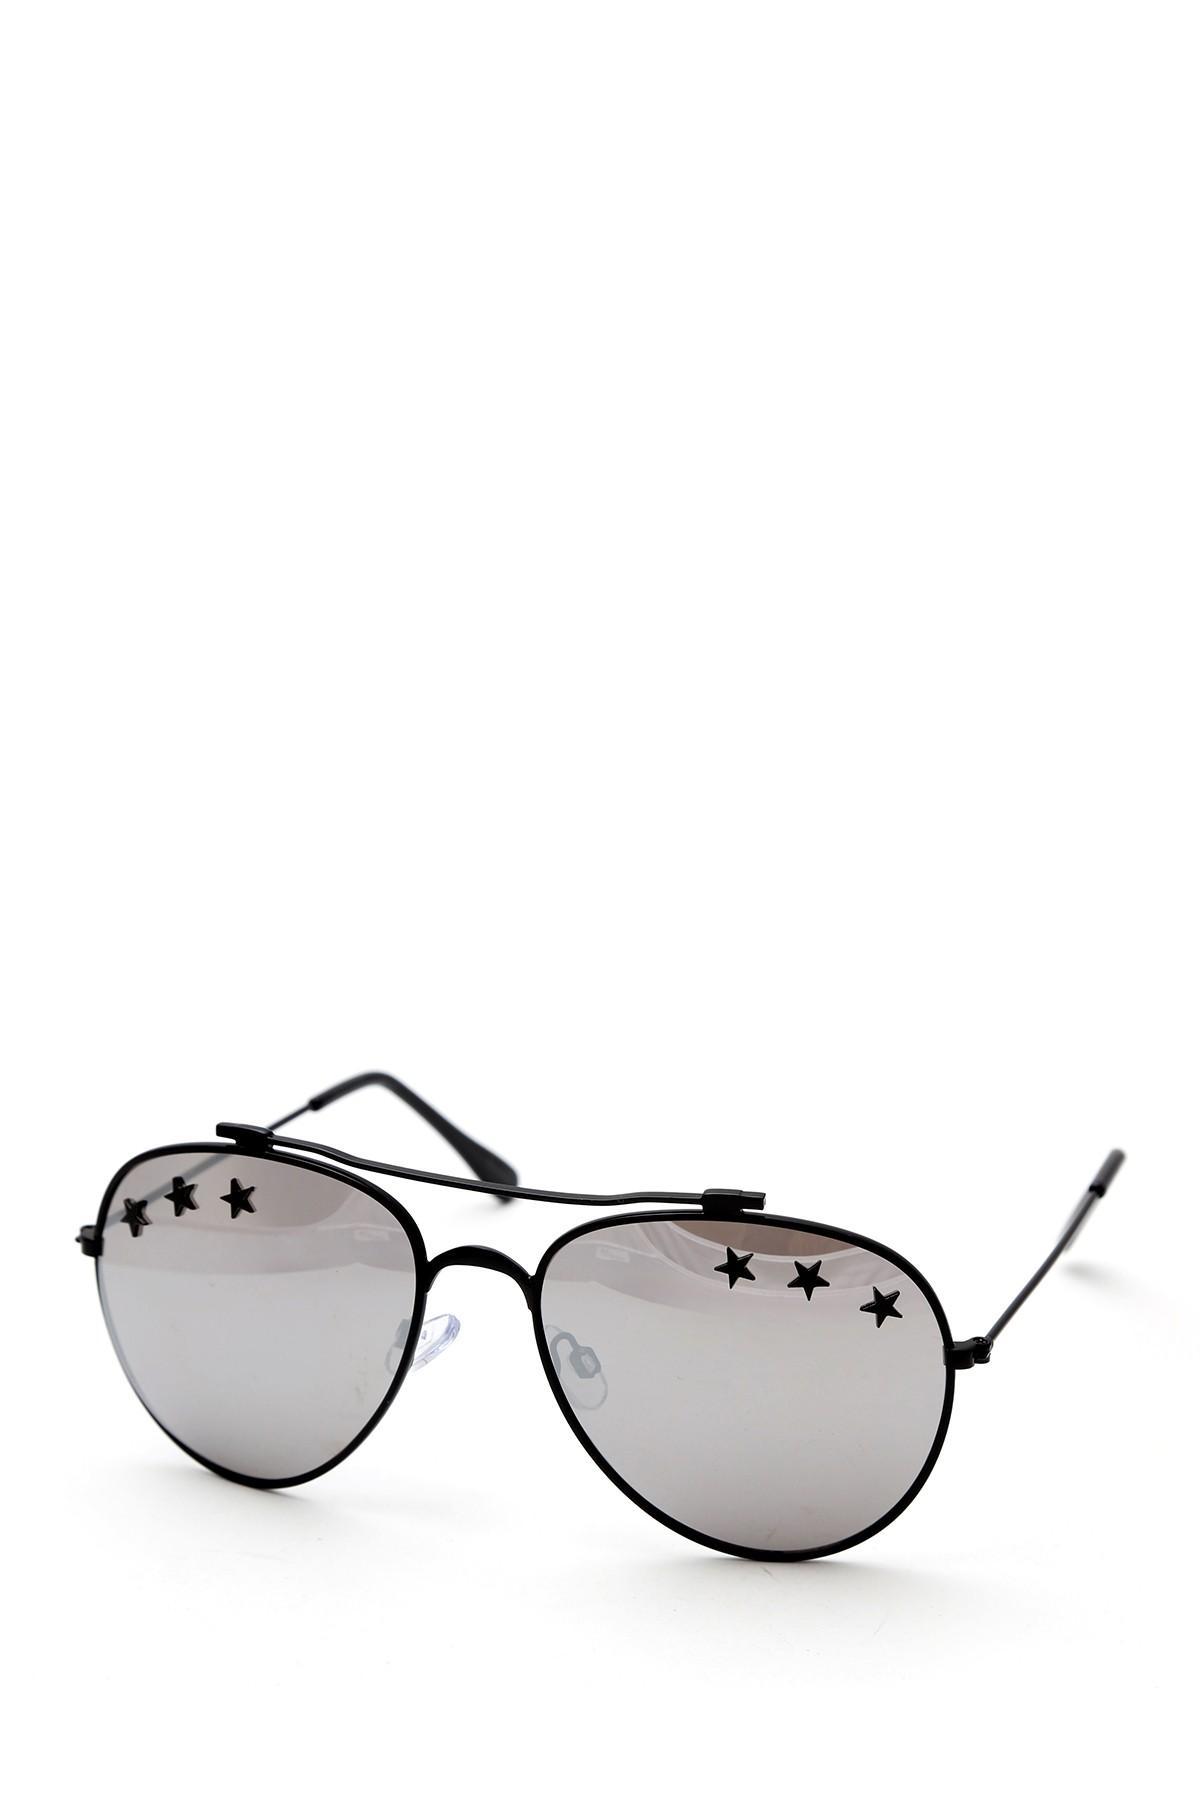 ebf035e27023e Lyst - Steve Madden 60mm Black Aviator Sunglasses in Black